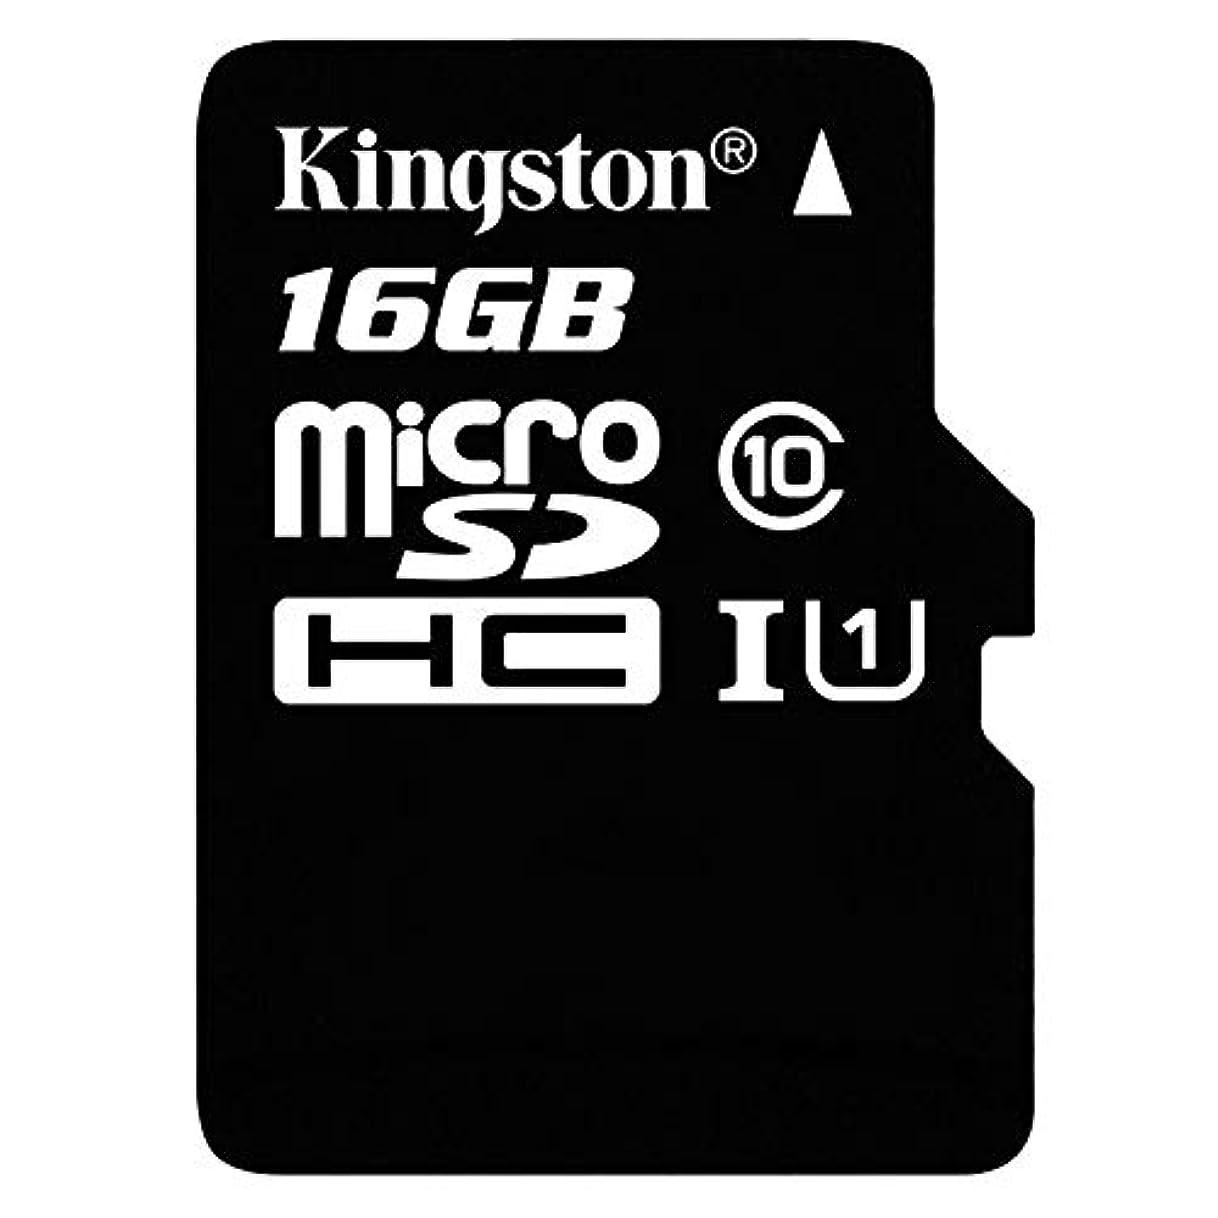 マウスわずかにパースProfessional Kingston 16GB サムスン SM-J810F MicroSDHC カード カスタムフォーマットと標準SDアダプター付き (クラス10、UHS-I)